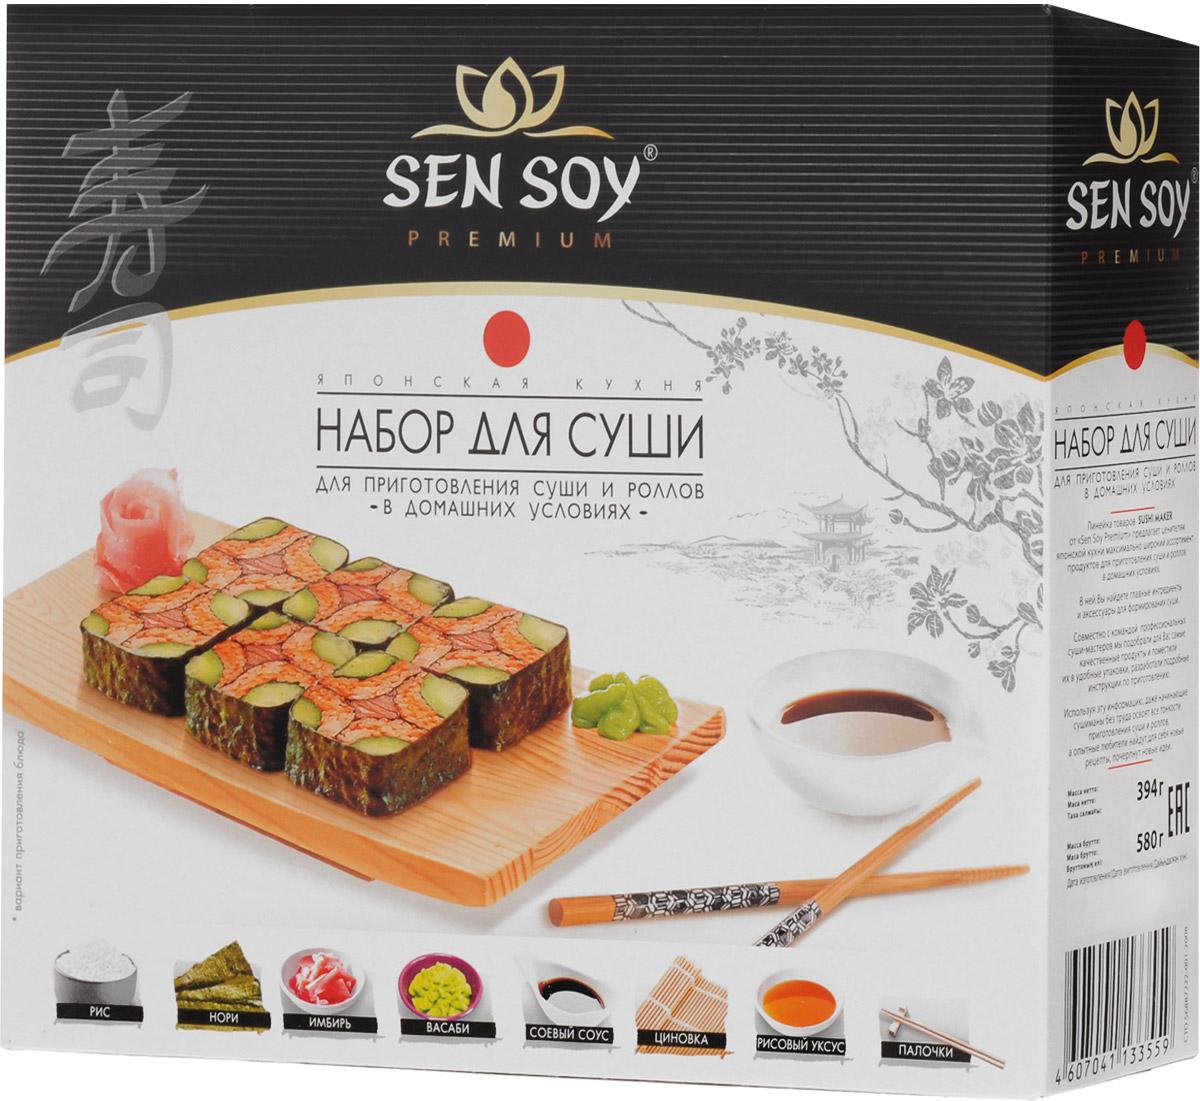 Sen Soy Набор для суши, 394 г набор для приготовления роллов ruges суши